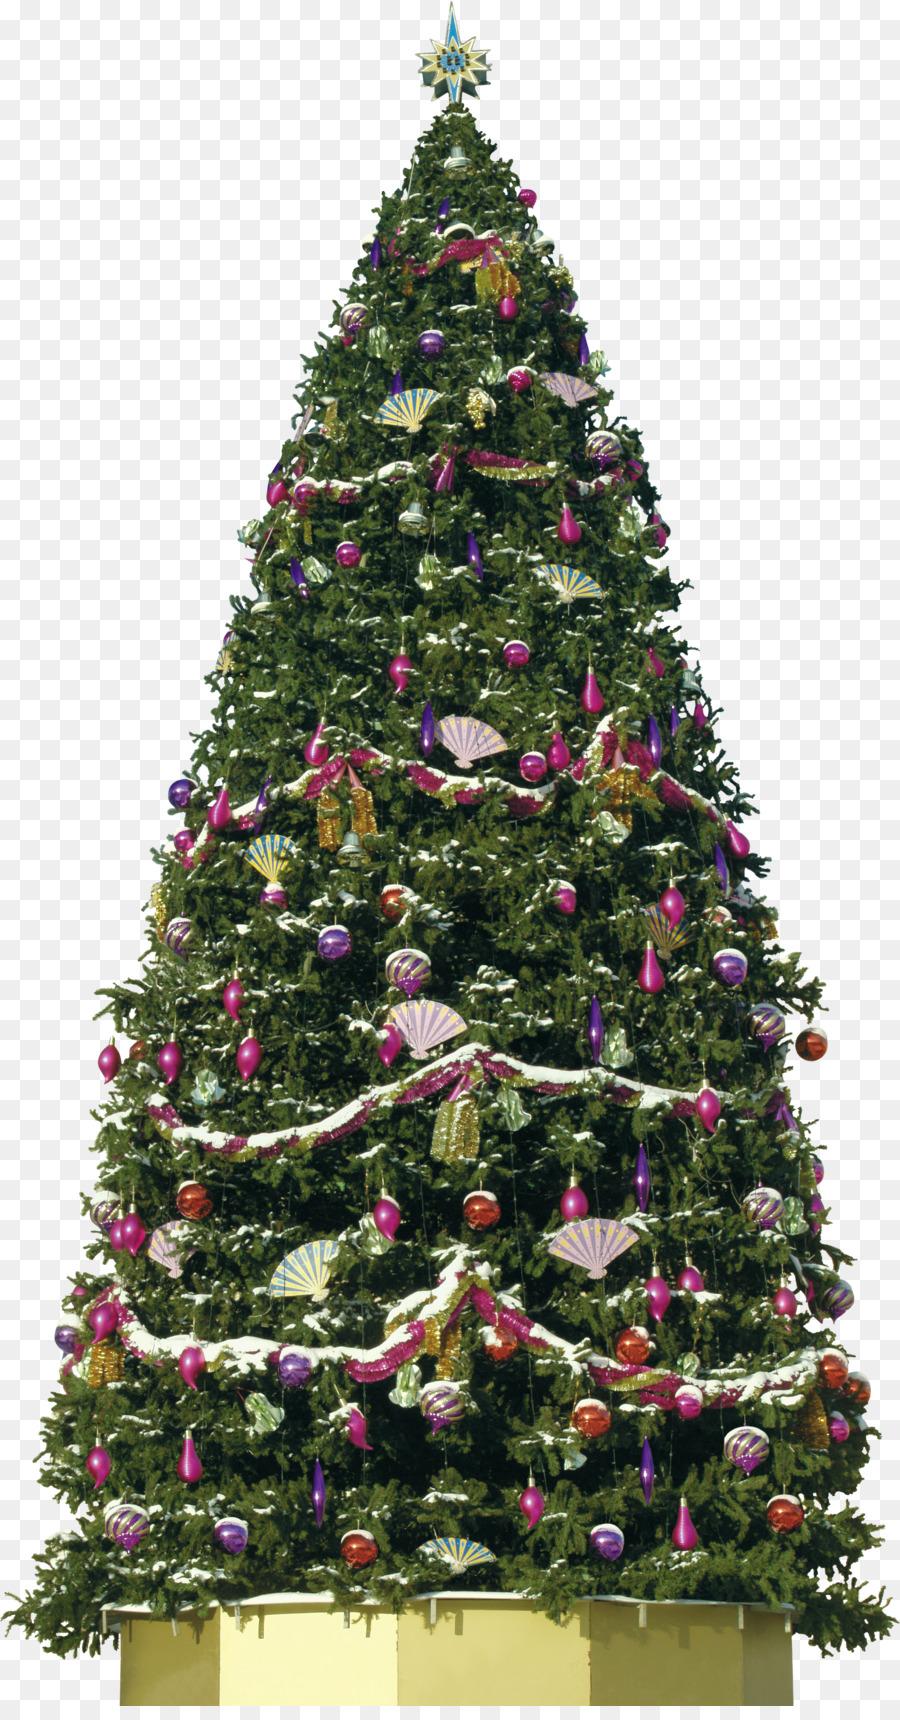 Descarga gratuita de árbol De Navidad, La Navidad, árbol De Año Nuevo Imágen de Png